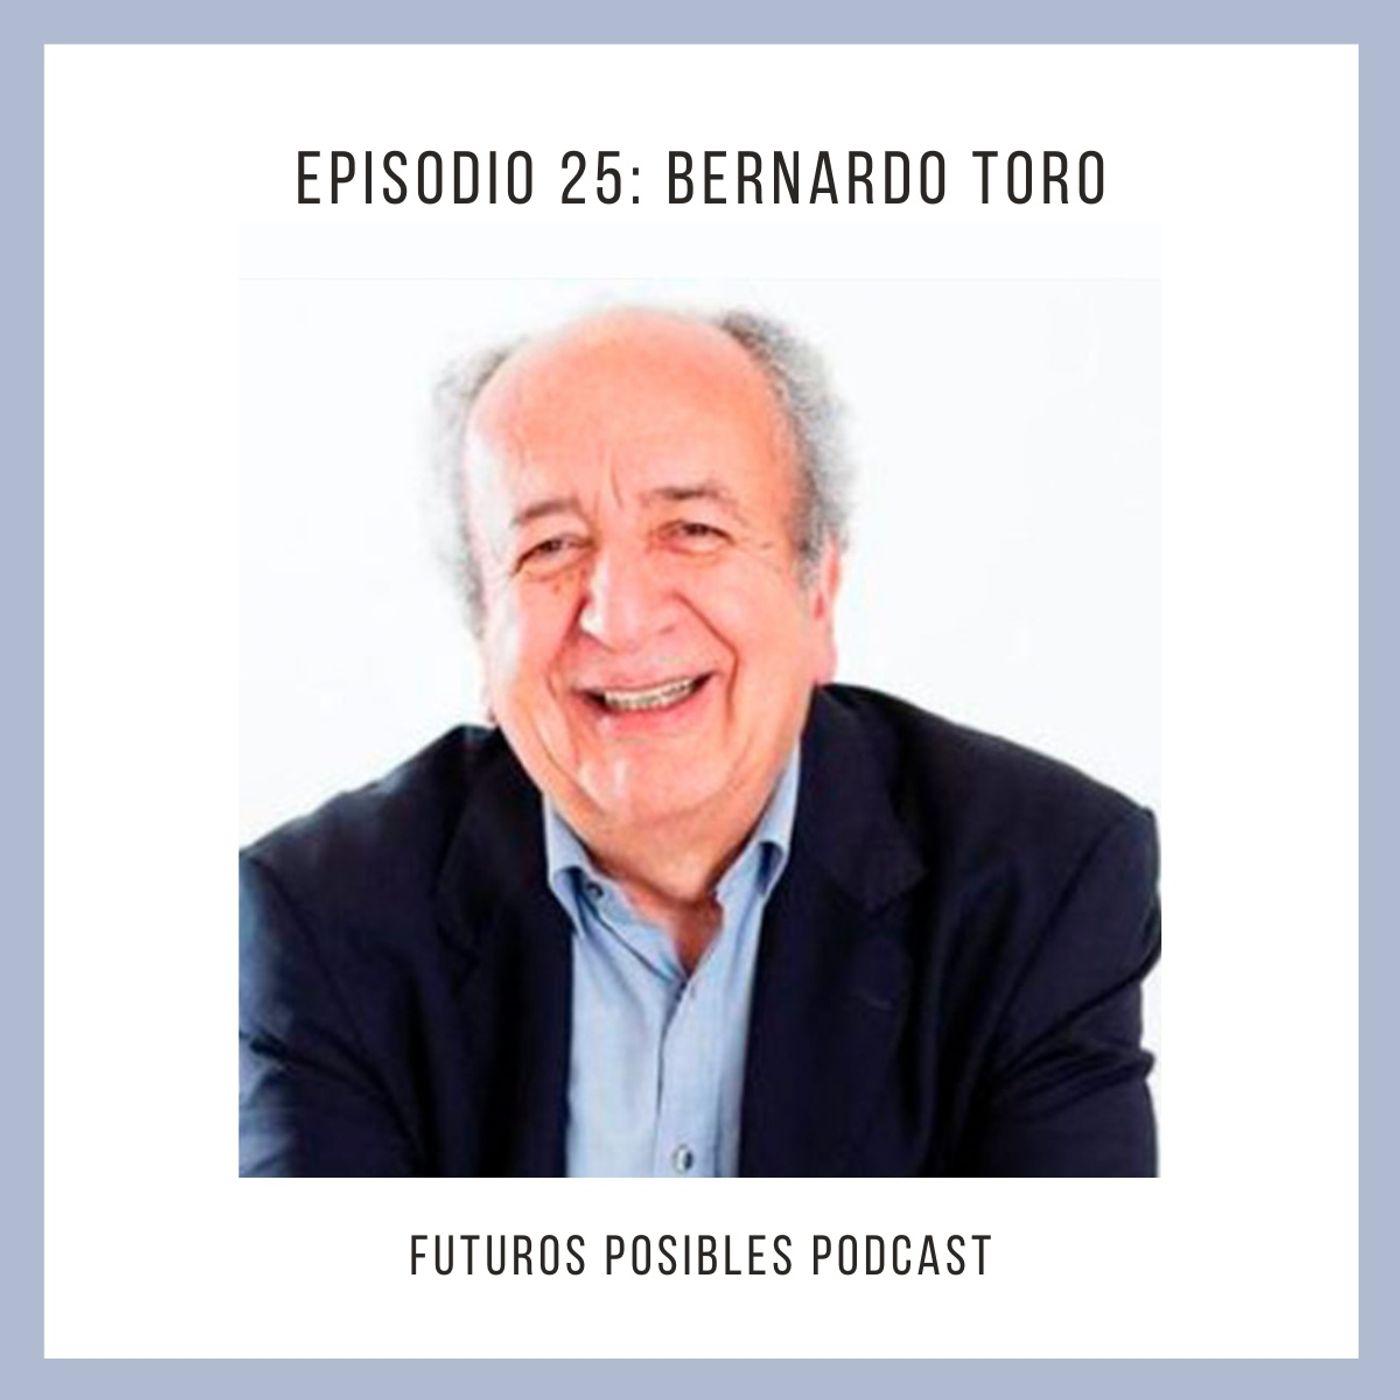 Ep. 25: La ética del cuidado, con Bernardo Toro